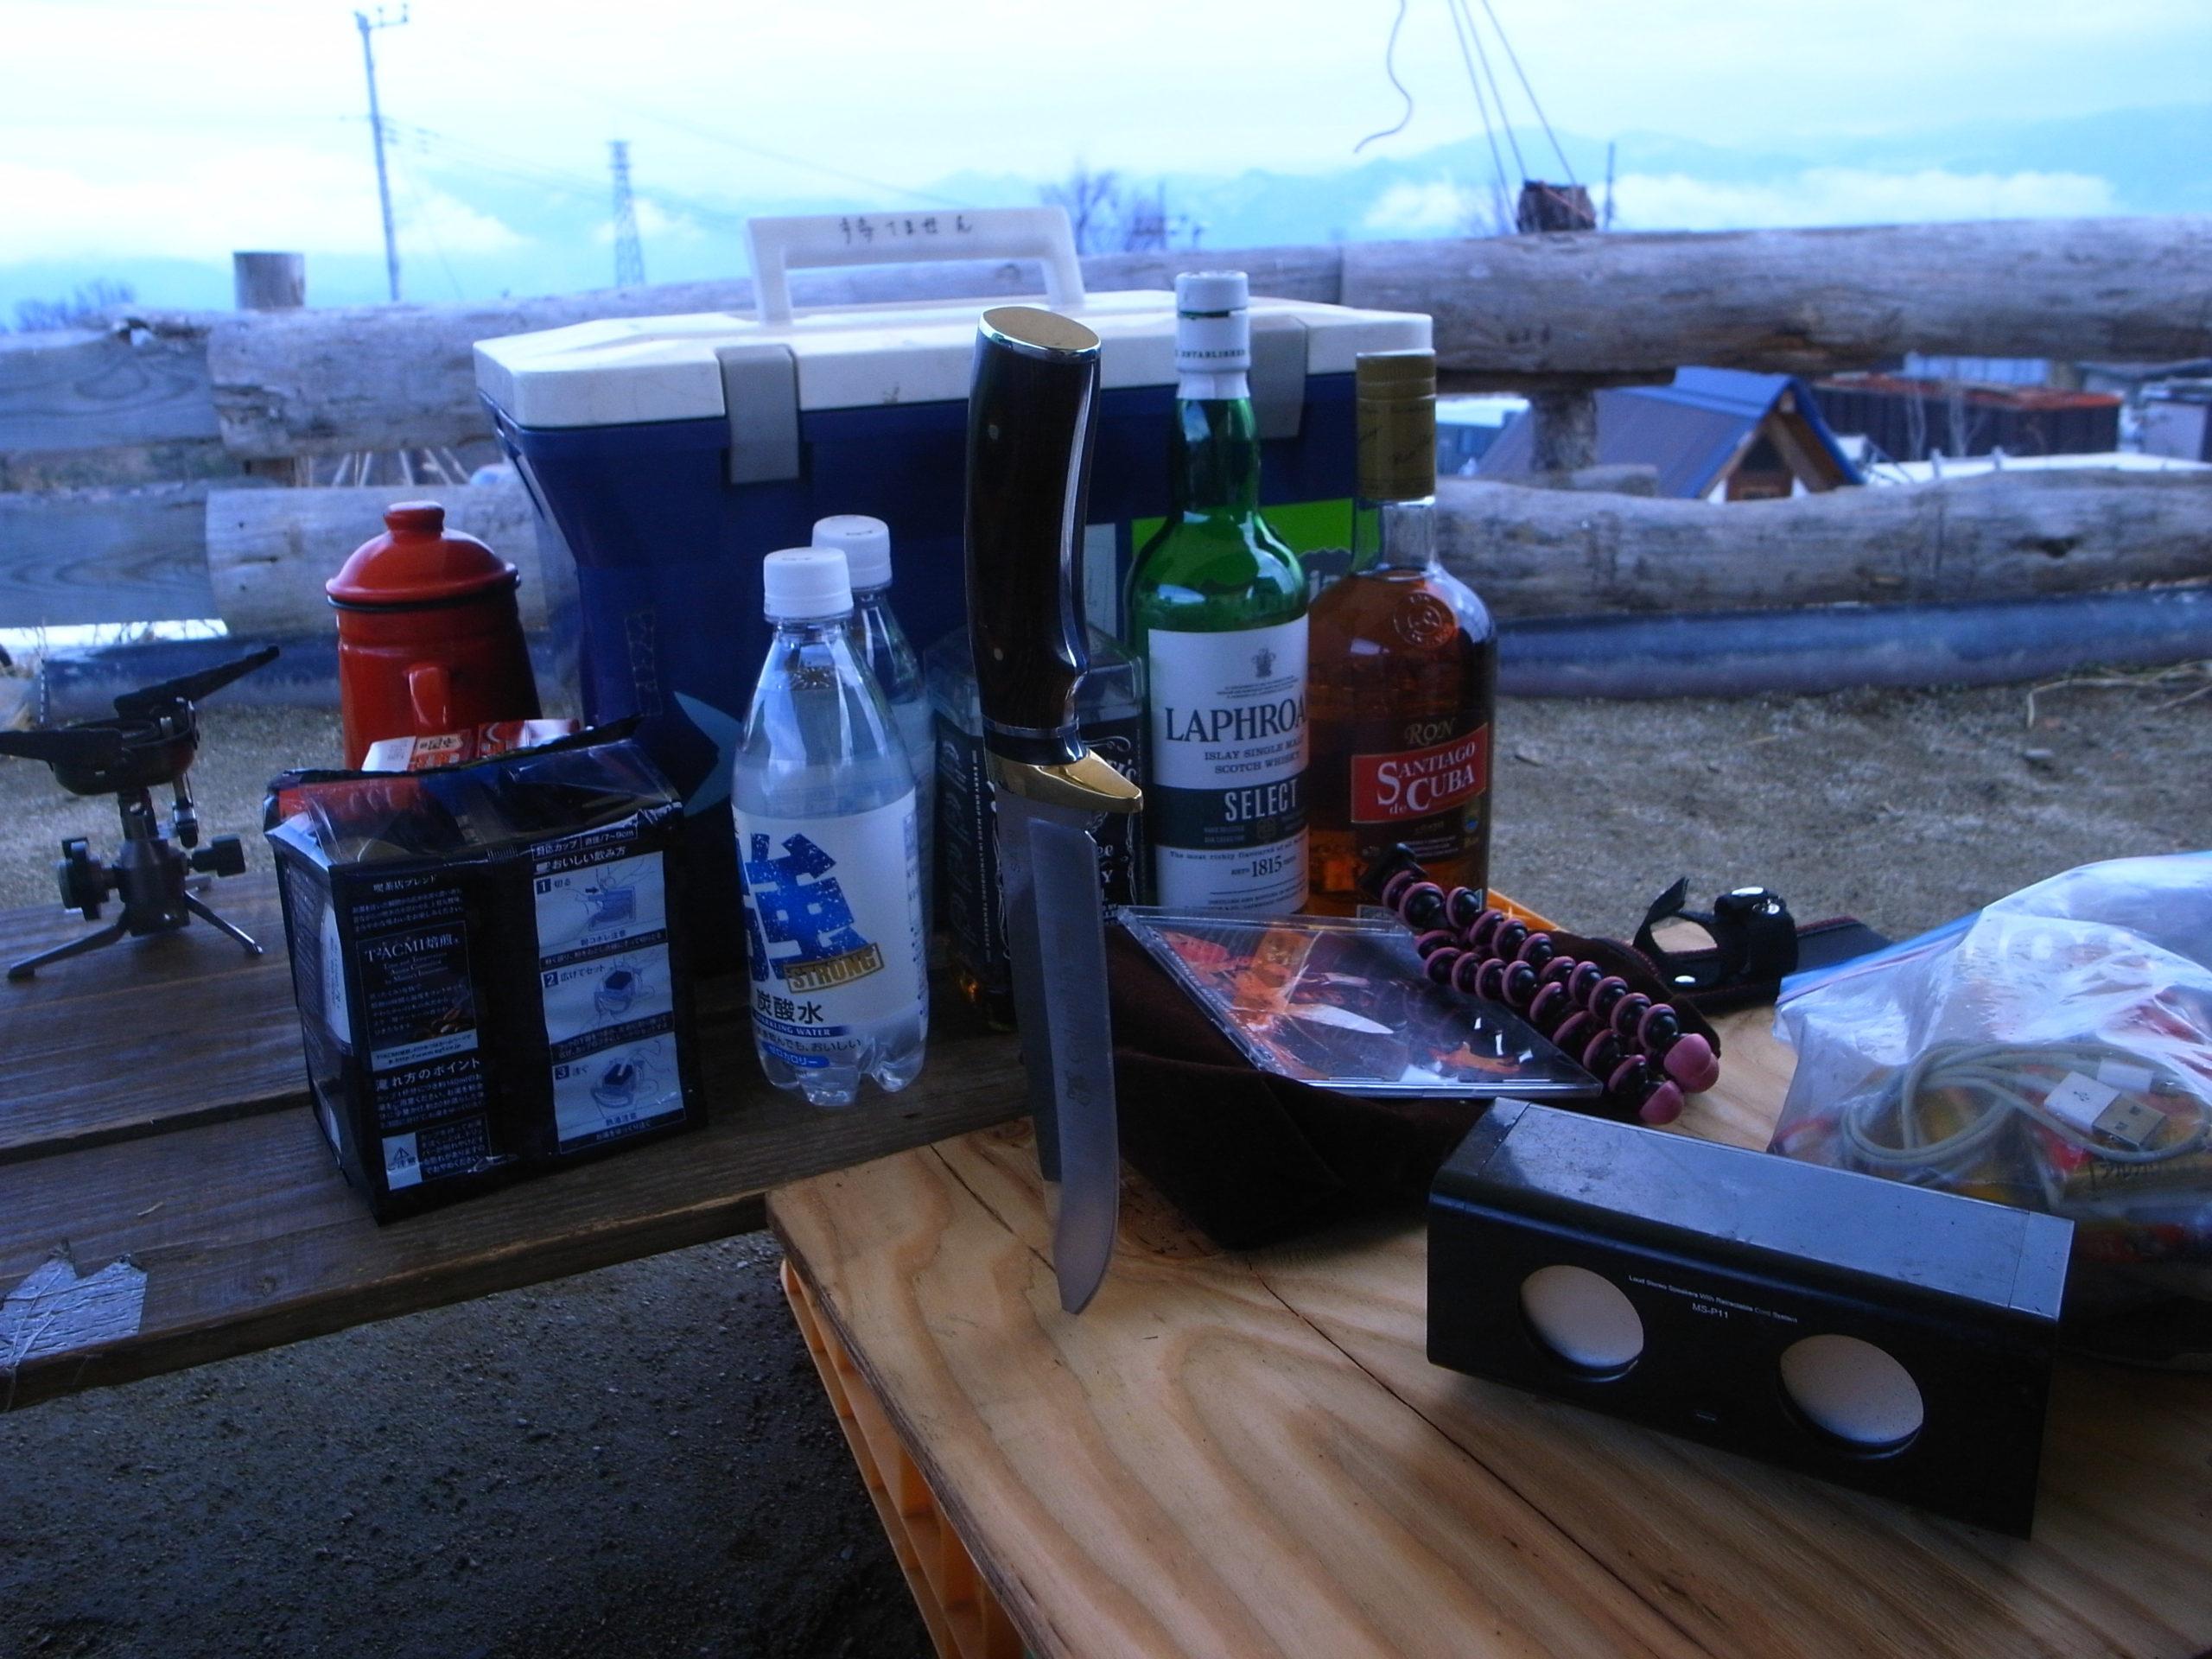 キャンプ用品が並ぶテーブル